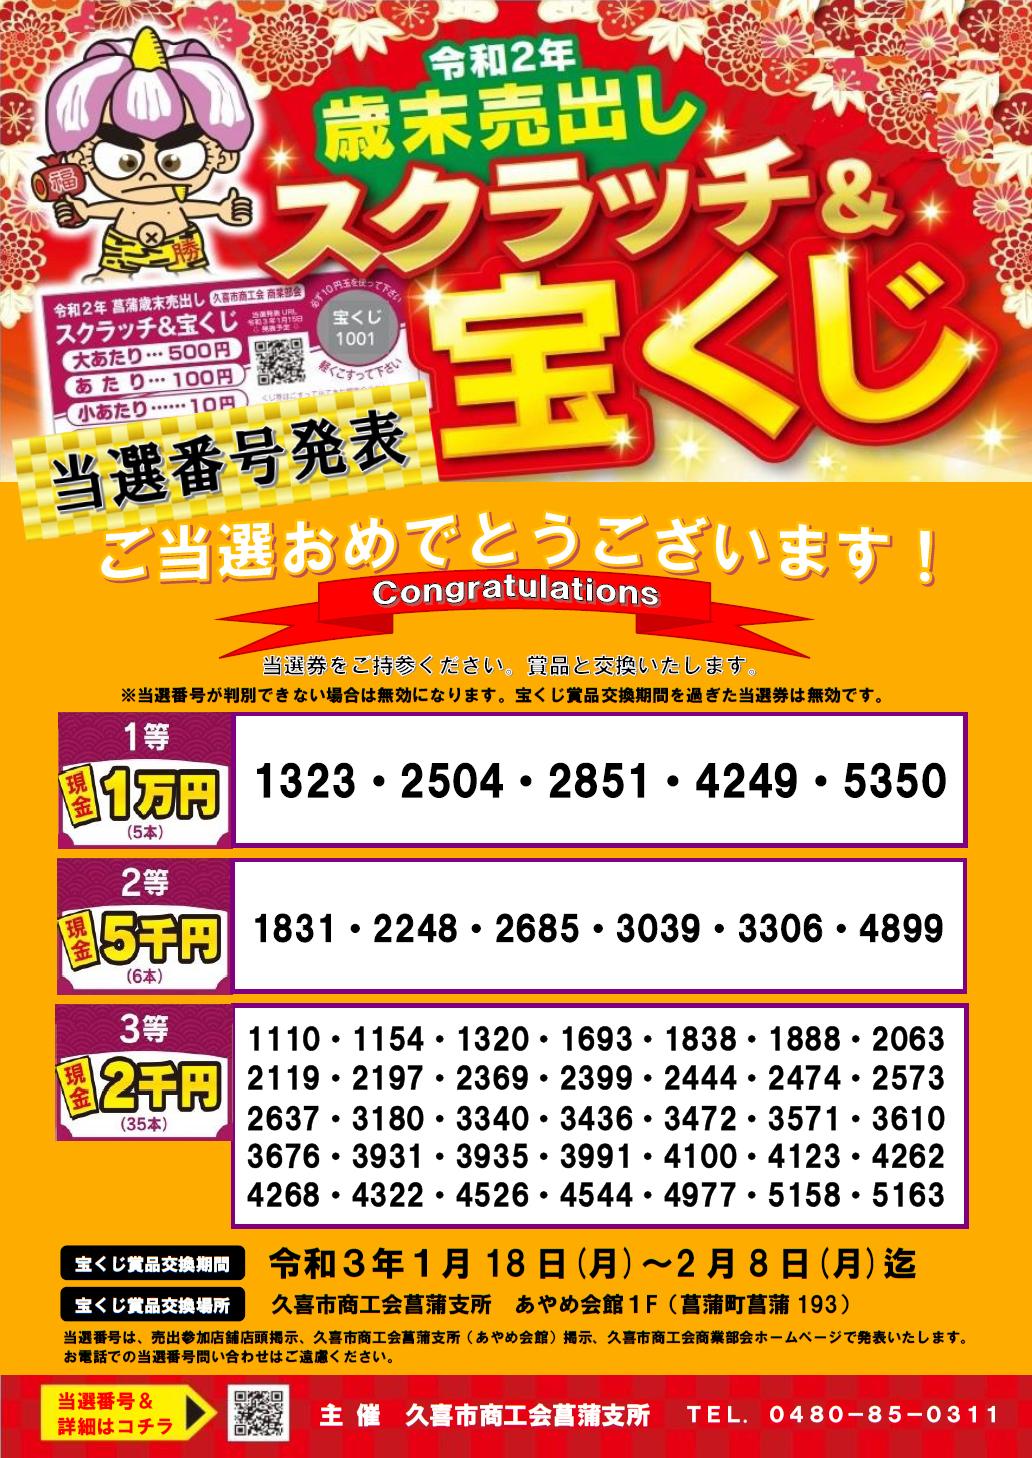 当選 発表 宝くじ 当せん番号案内(ジャンボ等)